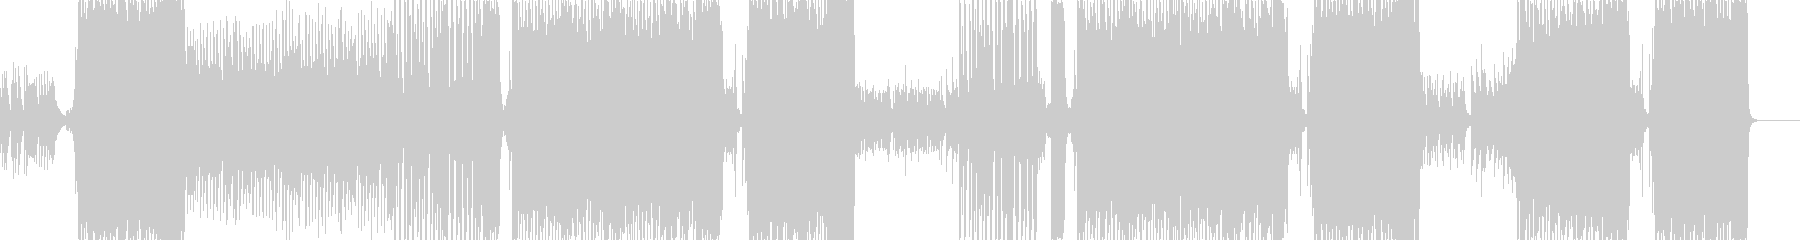 オリジナル曲-流星の瞬きのインストverの未再生の波形